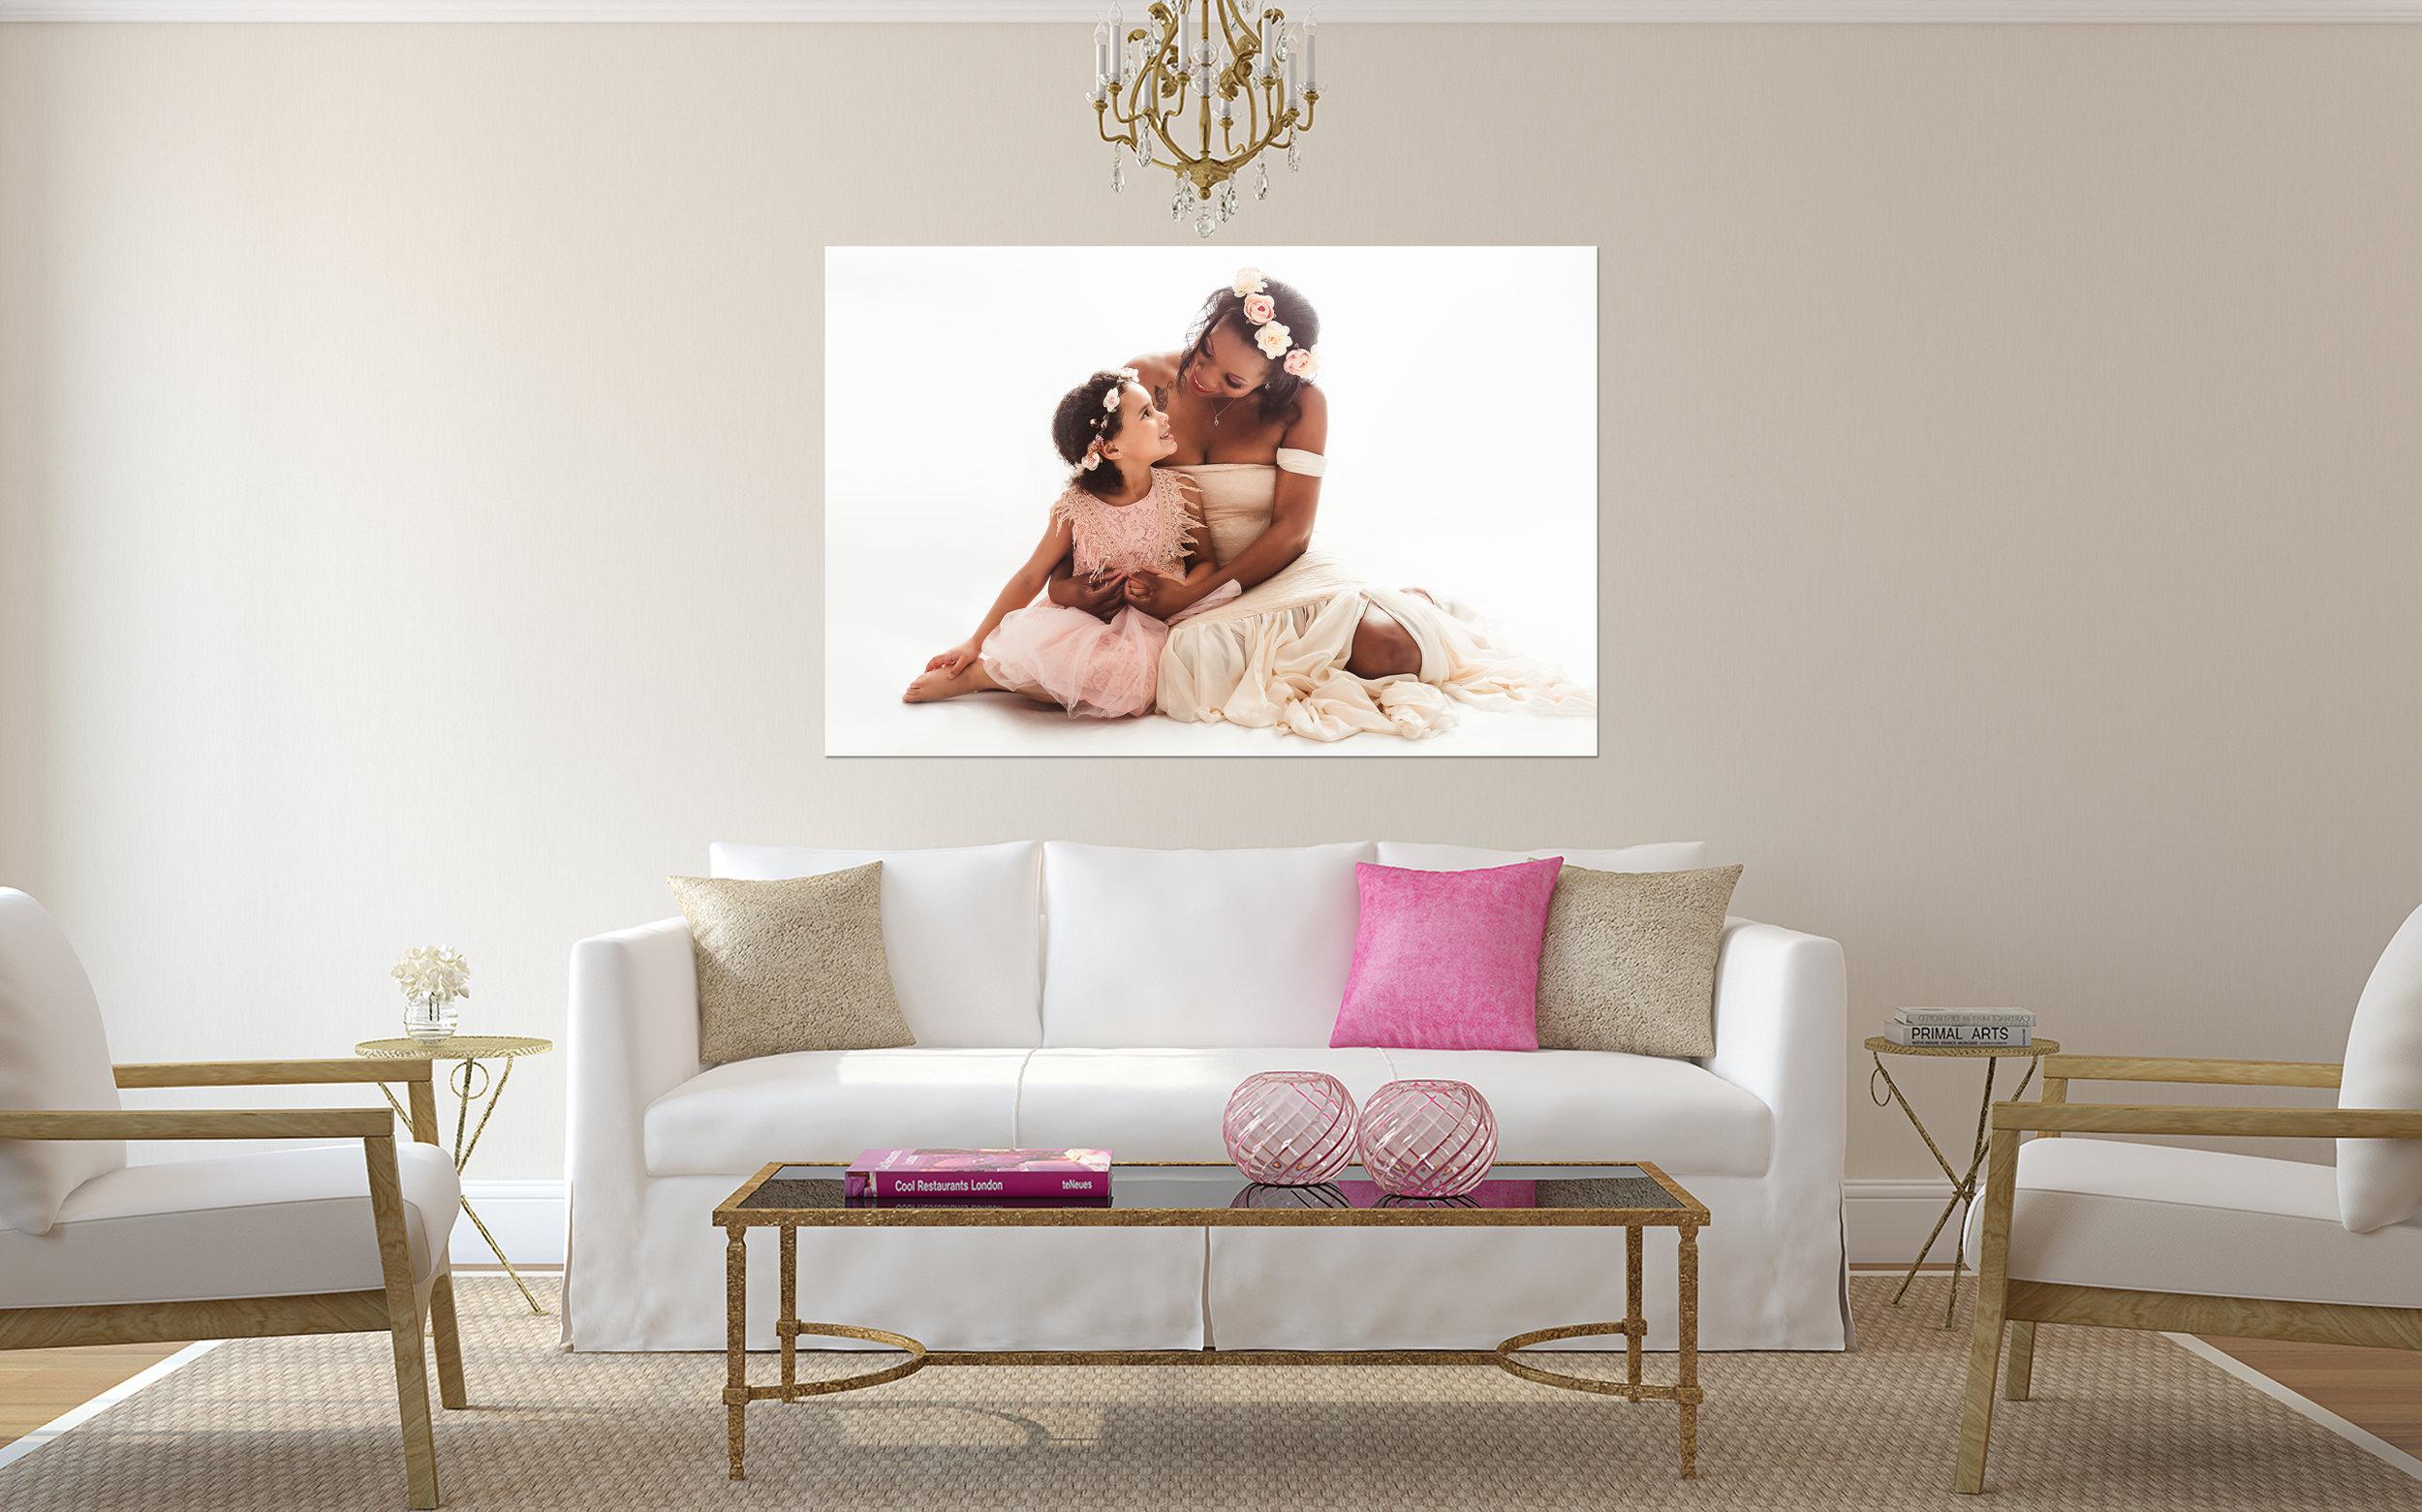 rooms - living room2.jpg